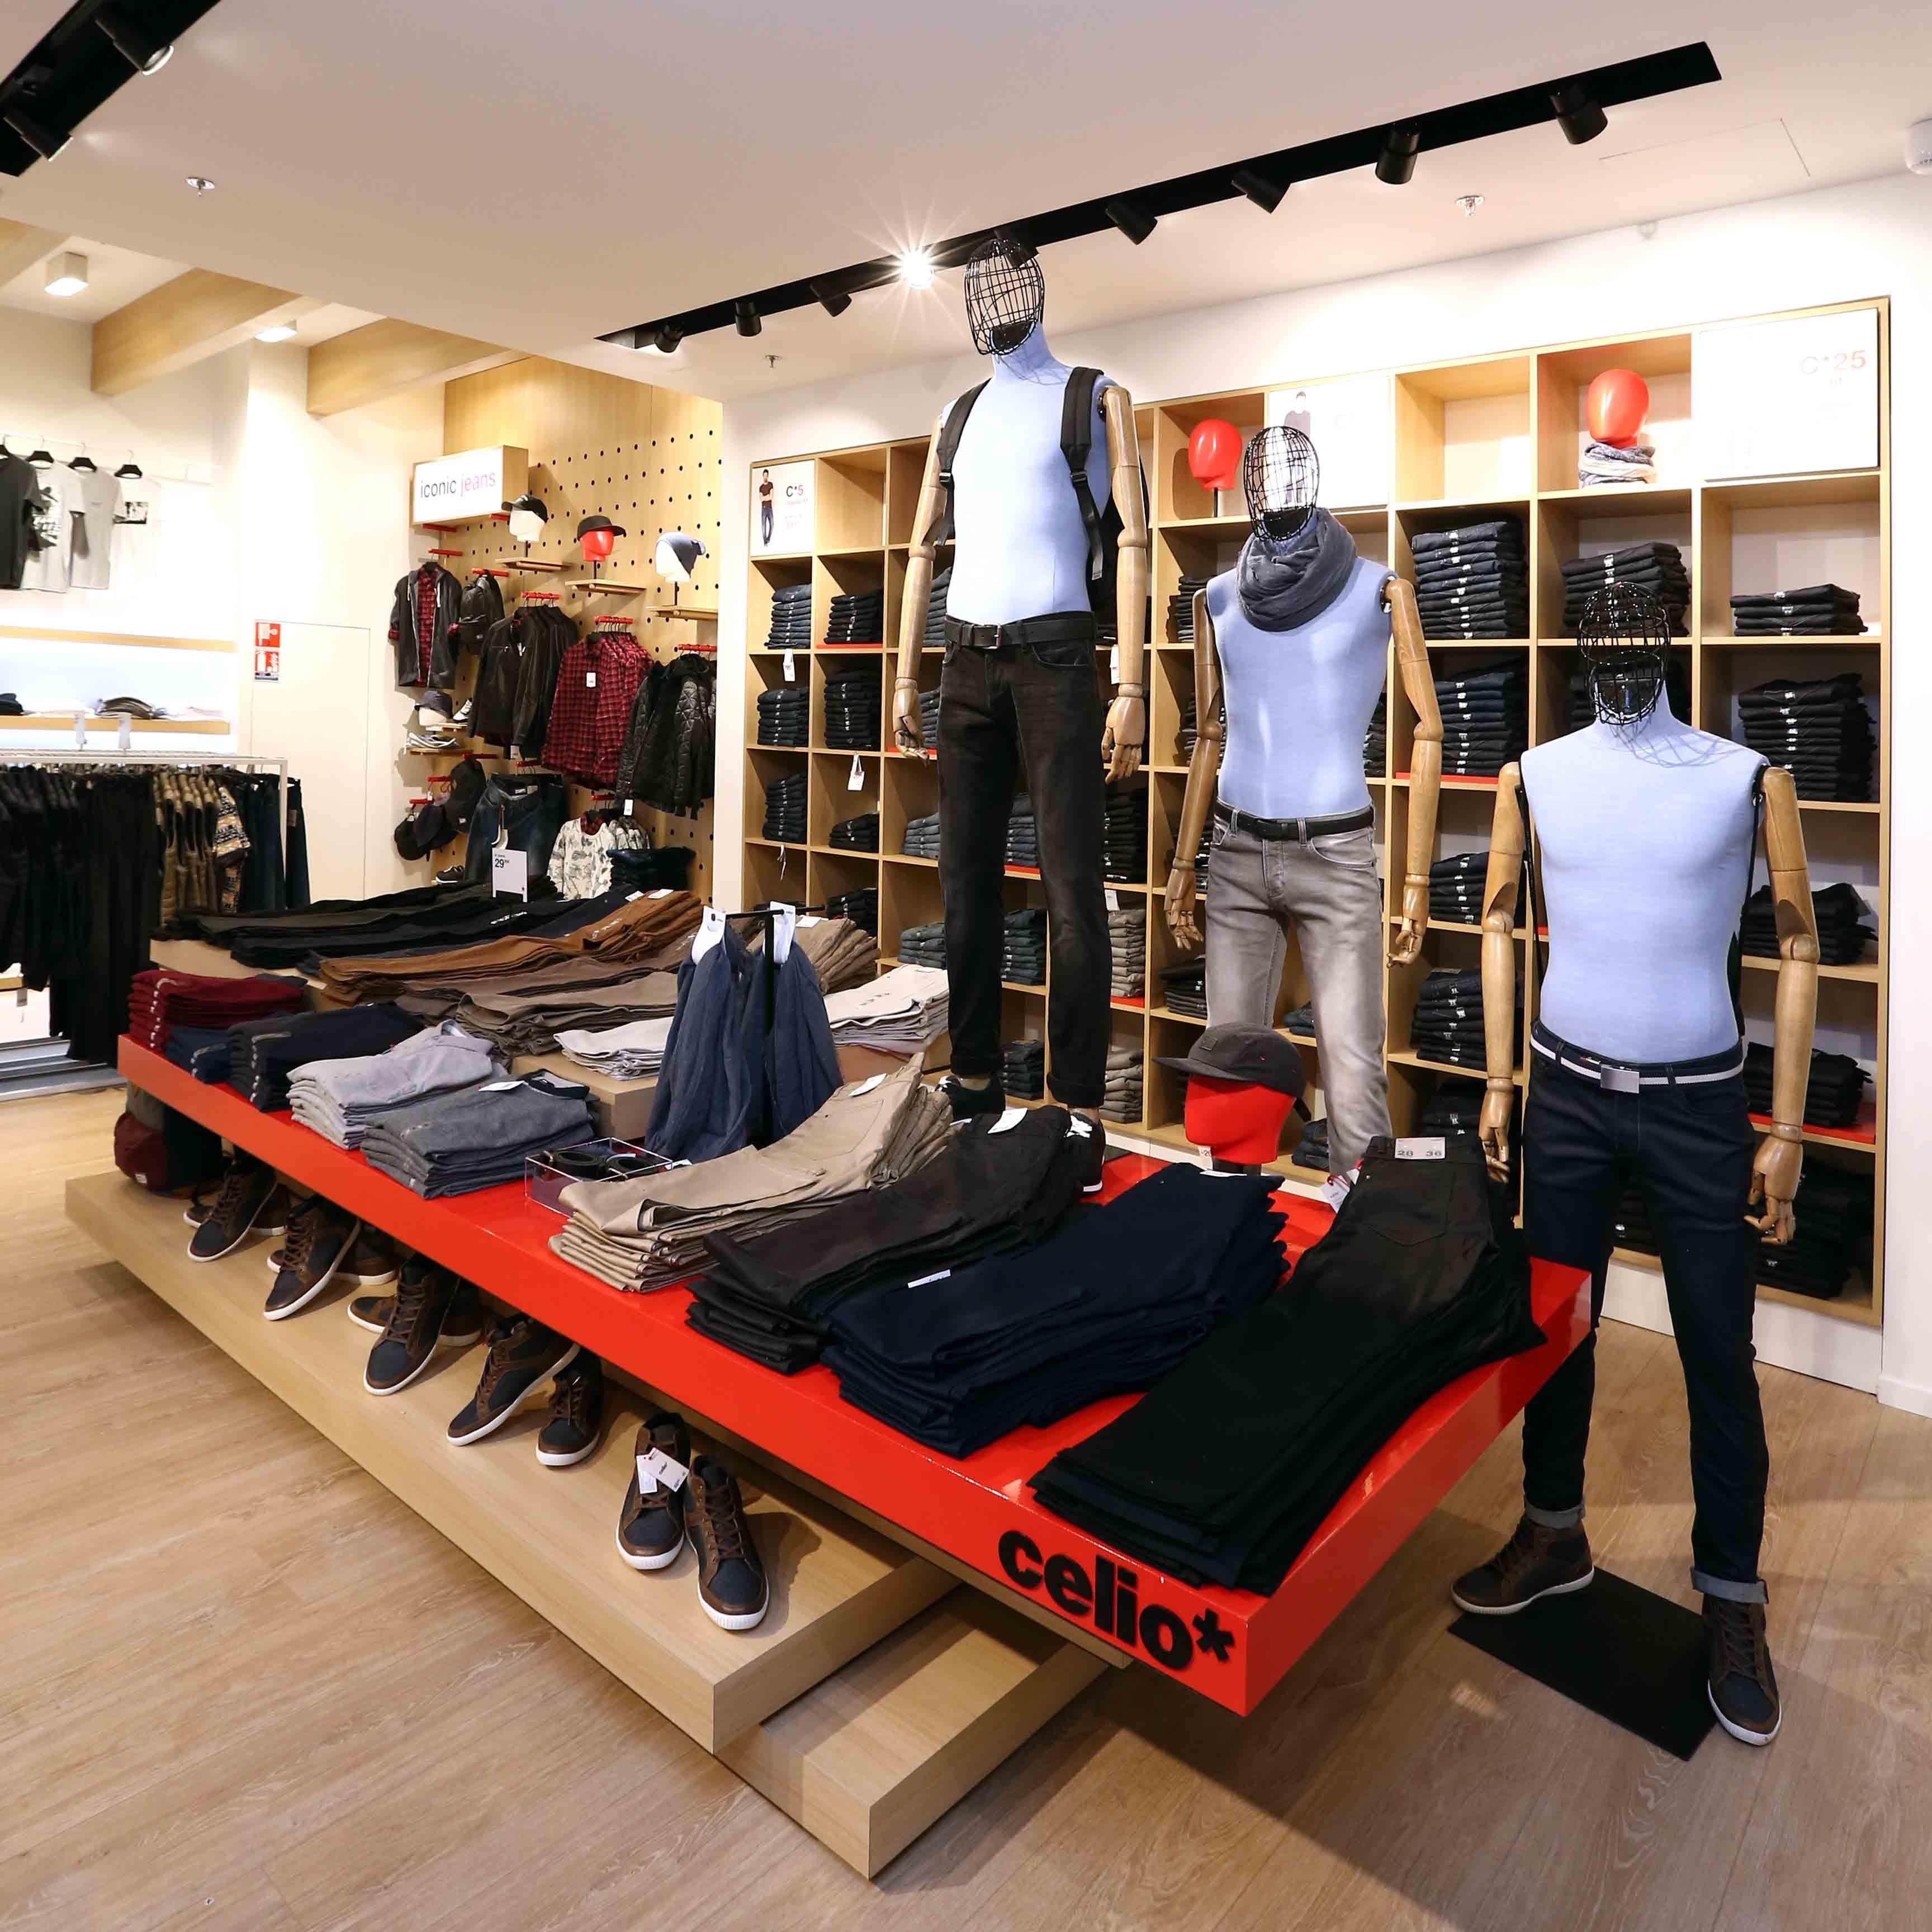 Agencement Celio Nouveau Mobilier Textile Homme Nouvelle Table Jeanerie Mobilier Magasin Vetement Design De Magasin